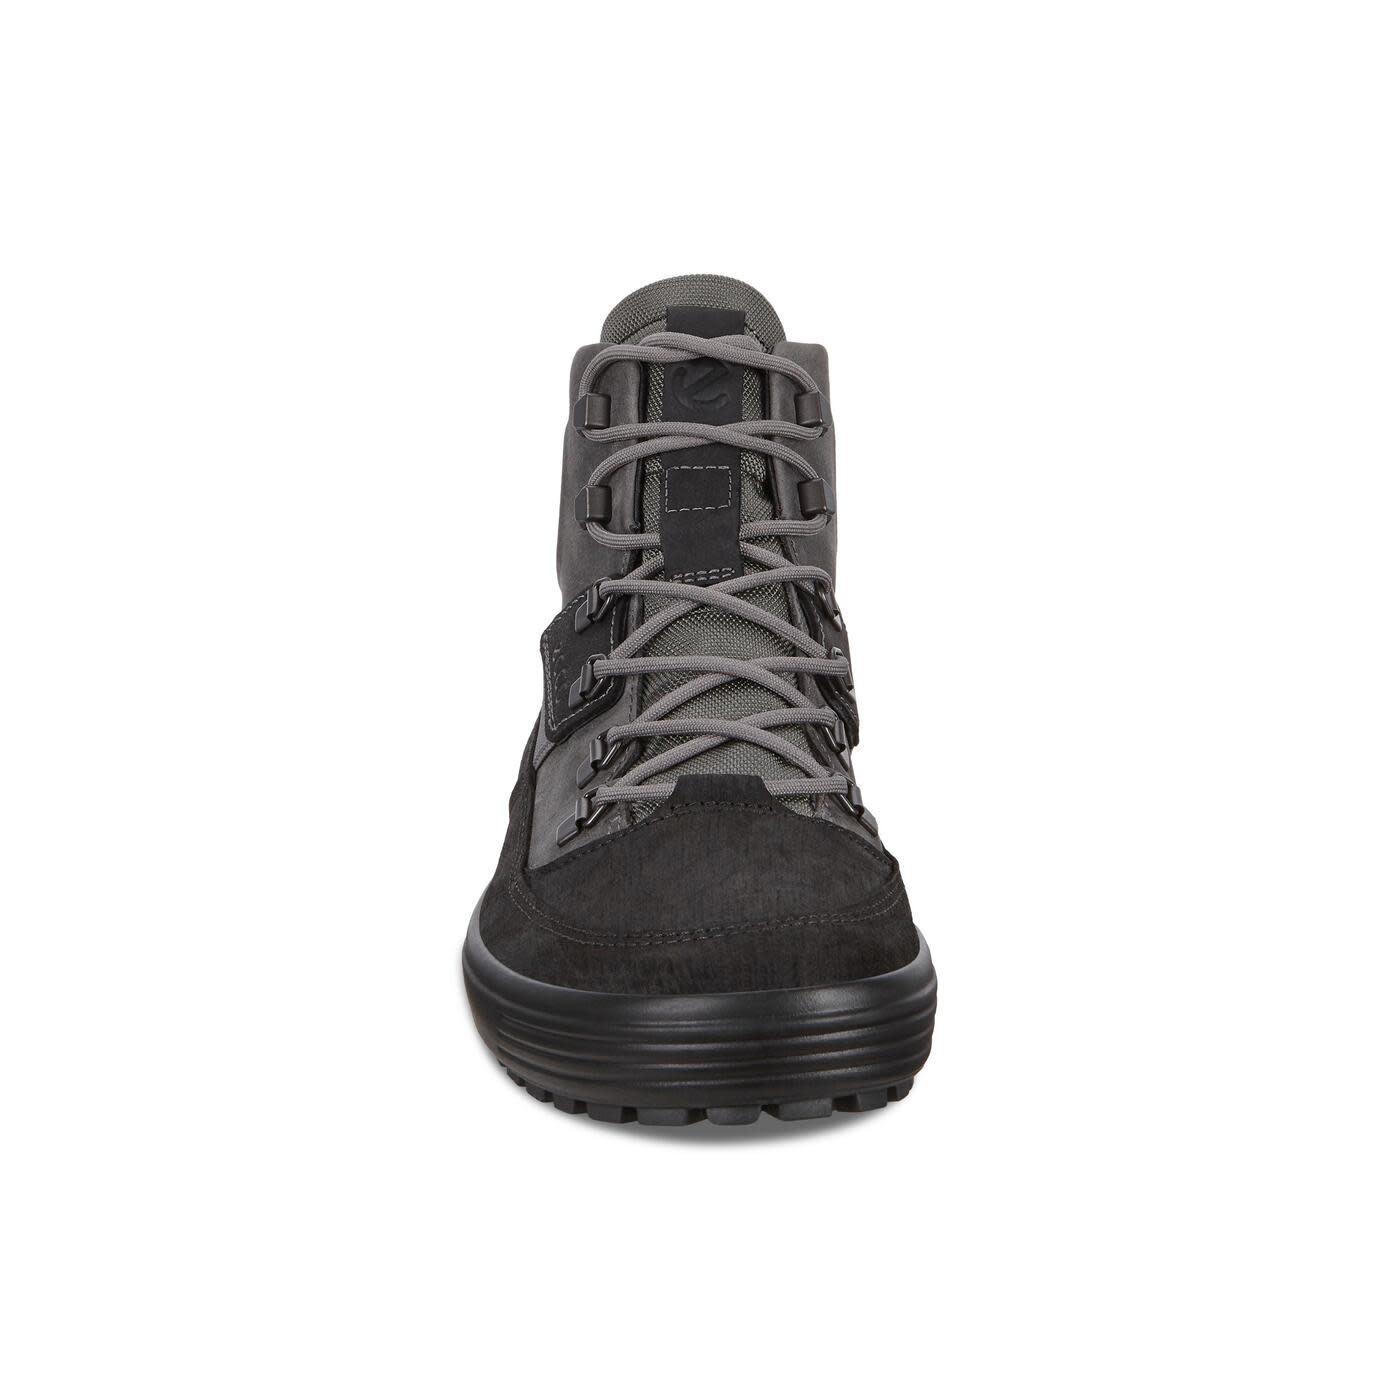 Ecco Soft 7 Tred Boot Black/Titanium 450274 52570